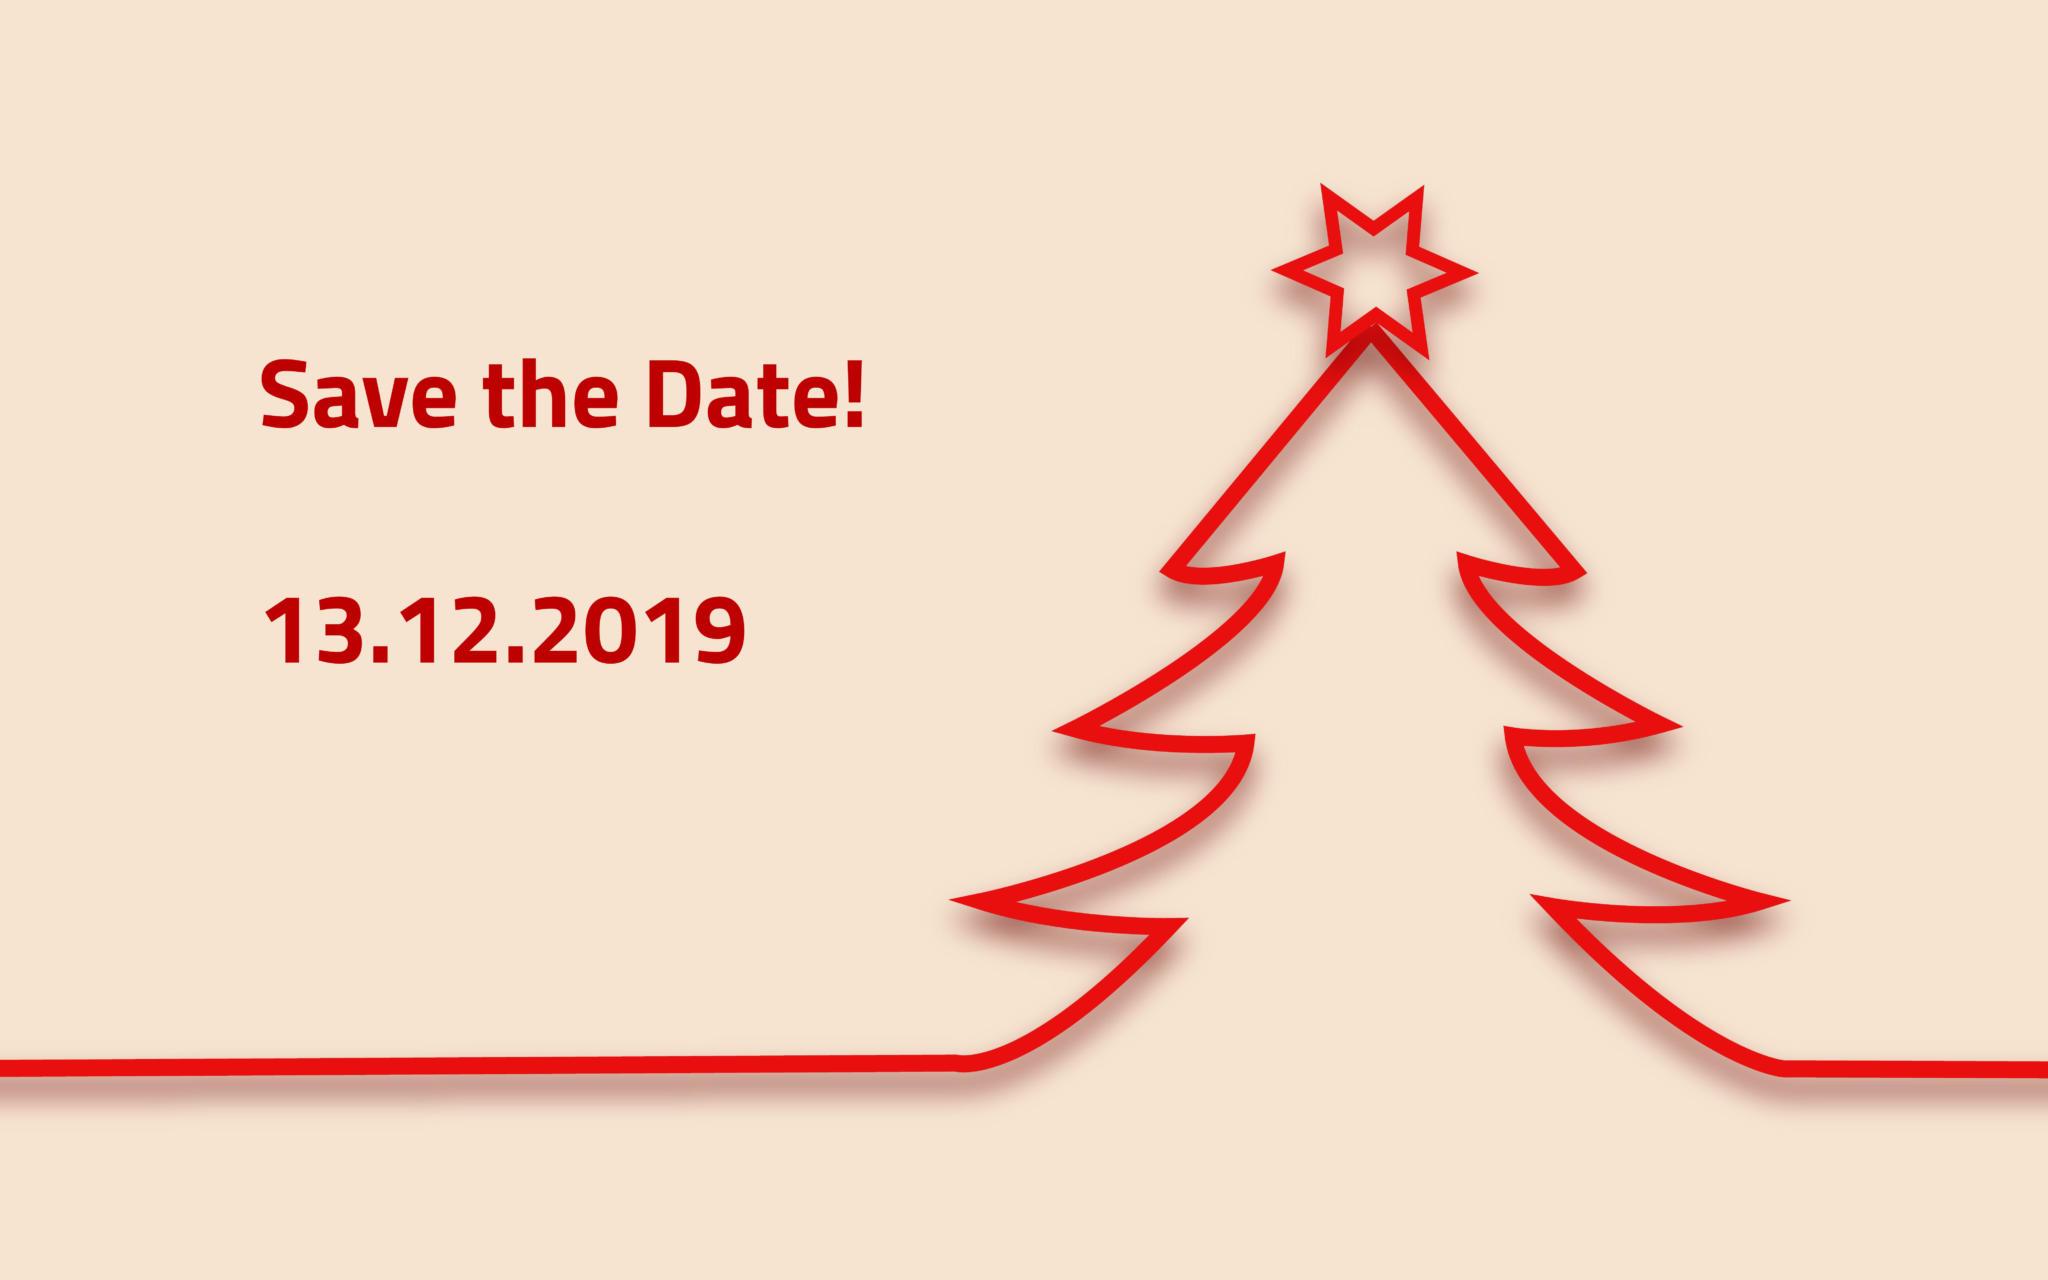 Einladung Weihnachtsfeier - Save the Date